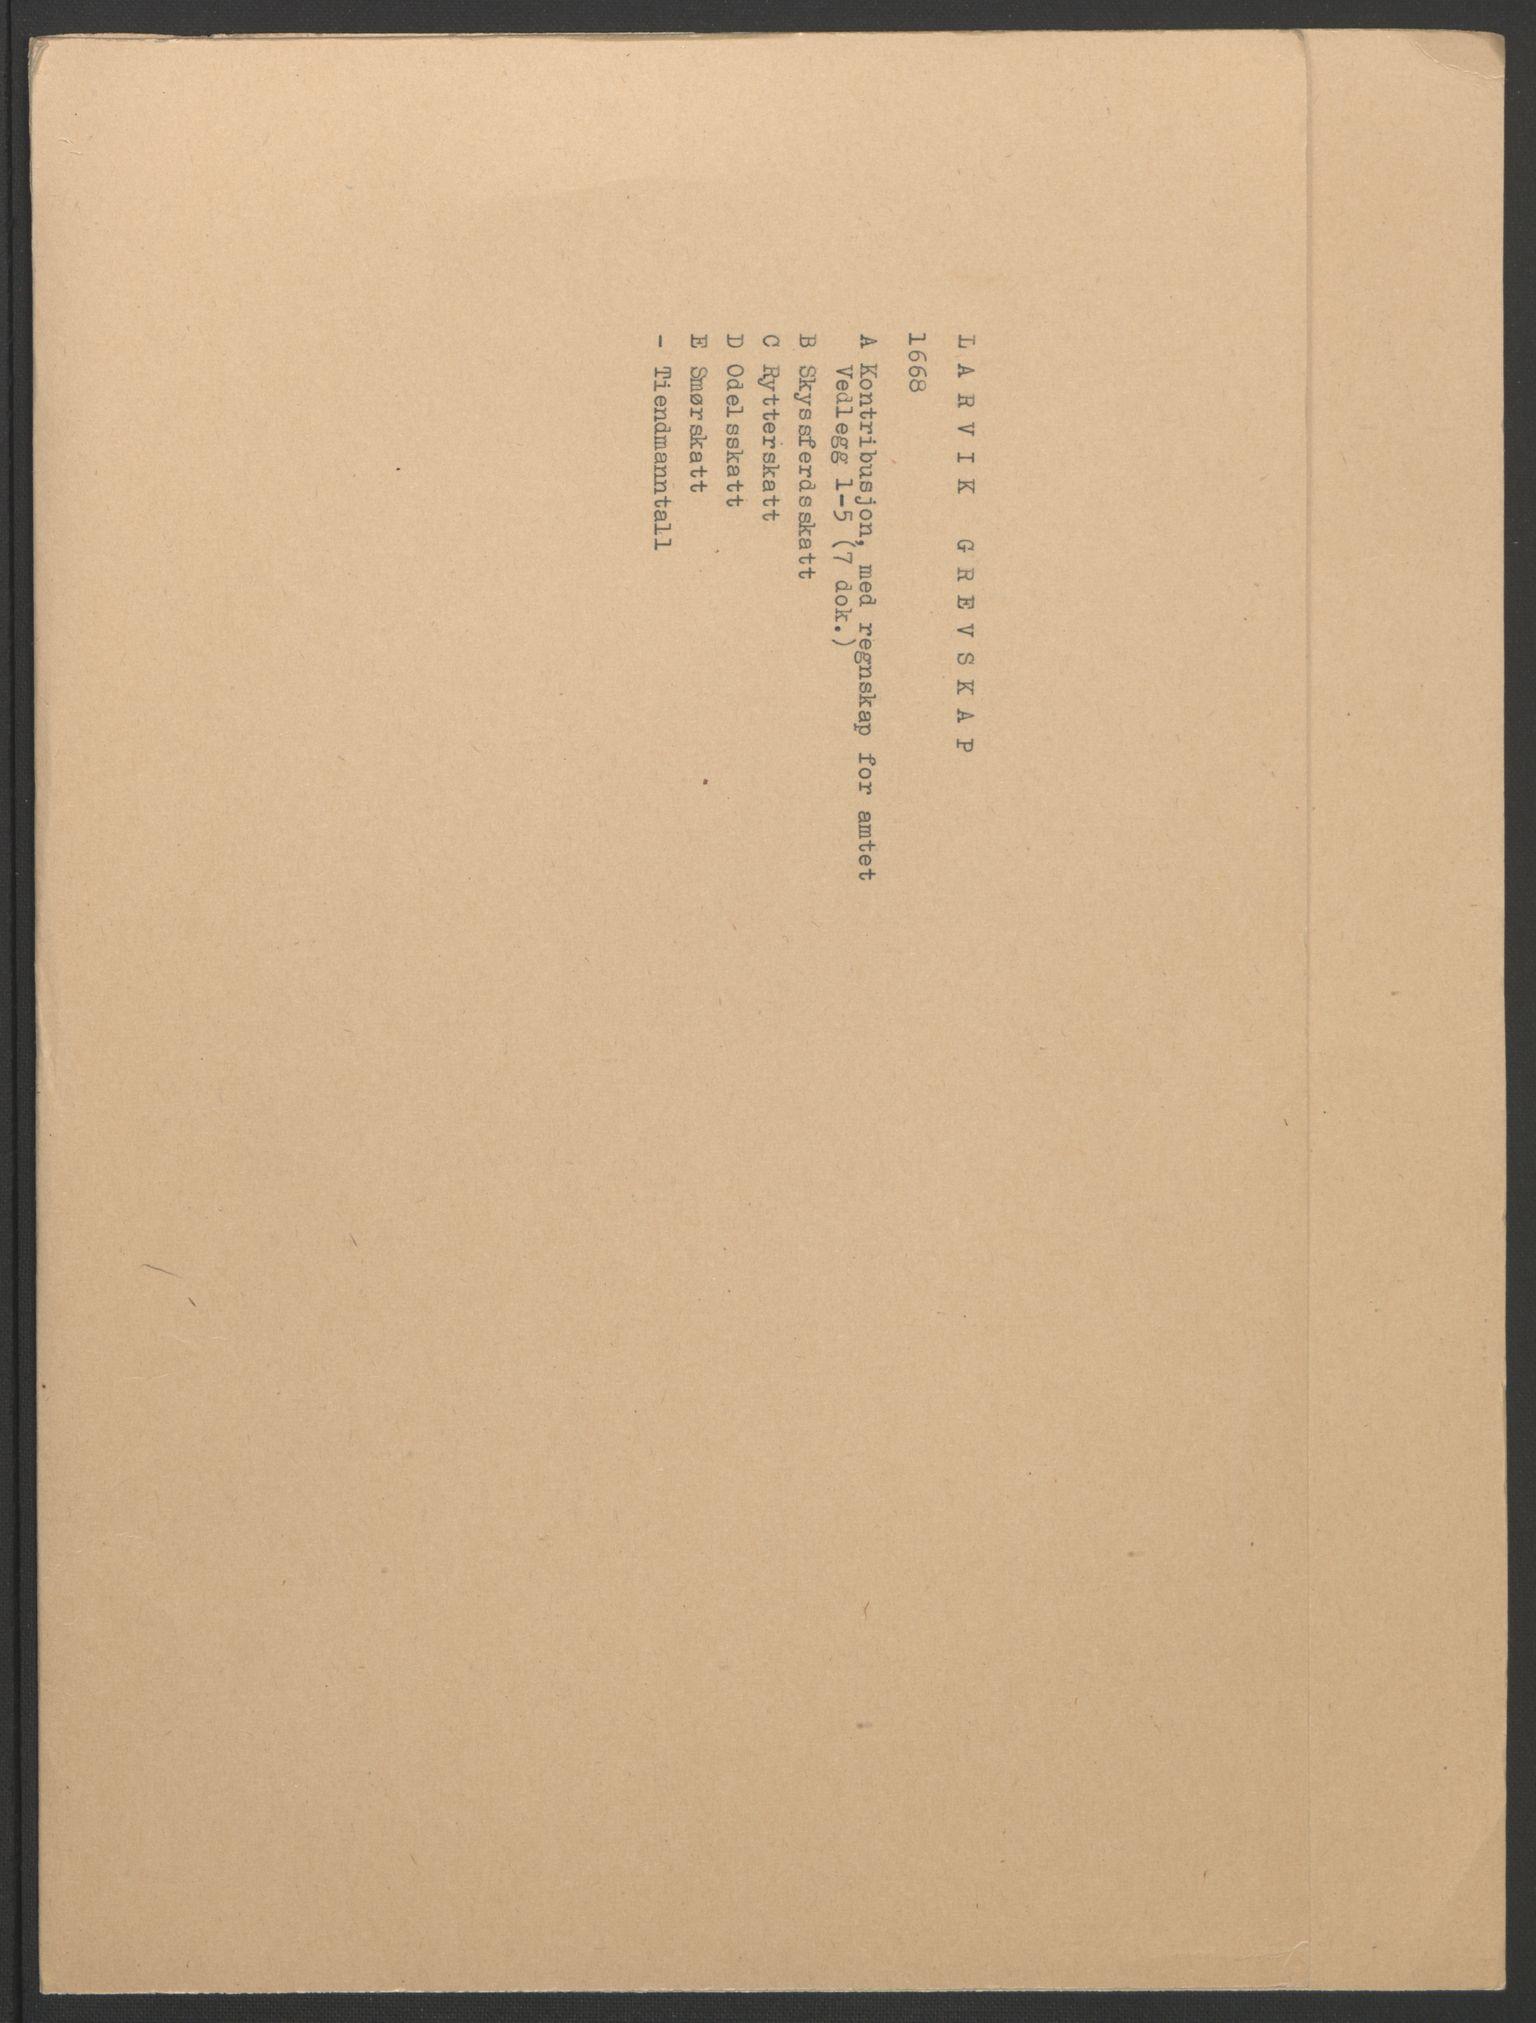 RA, Rentekammeret inntil 1814, Reviderte regnskaper, Fogderegnskap, R33/L1964: Fogderegnskap Larvik grevskap, 1665-1668, s. 106